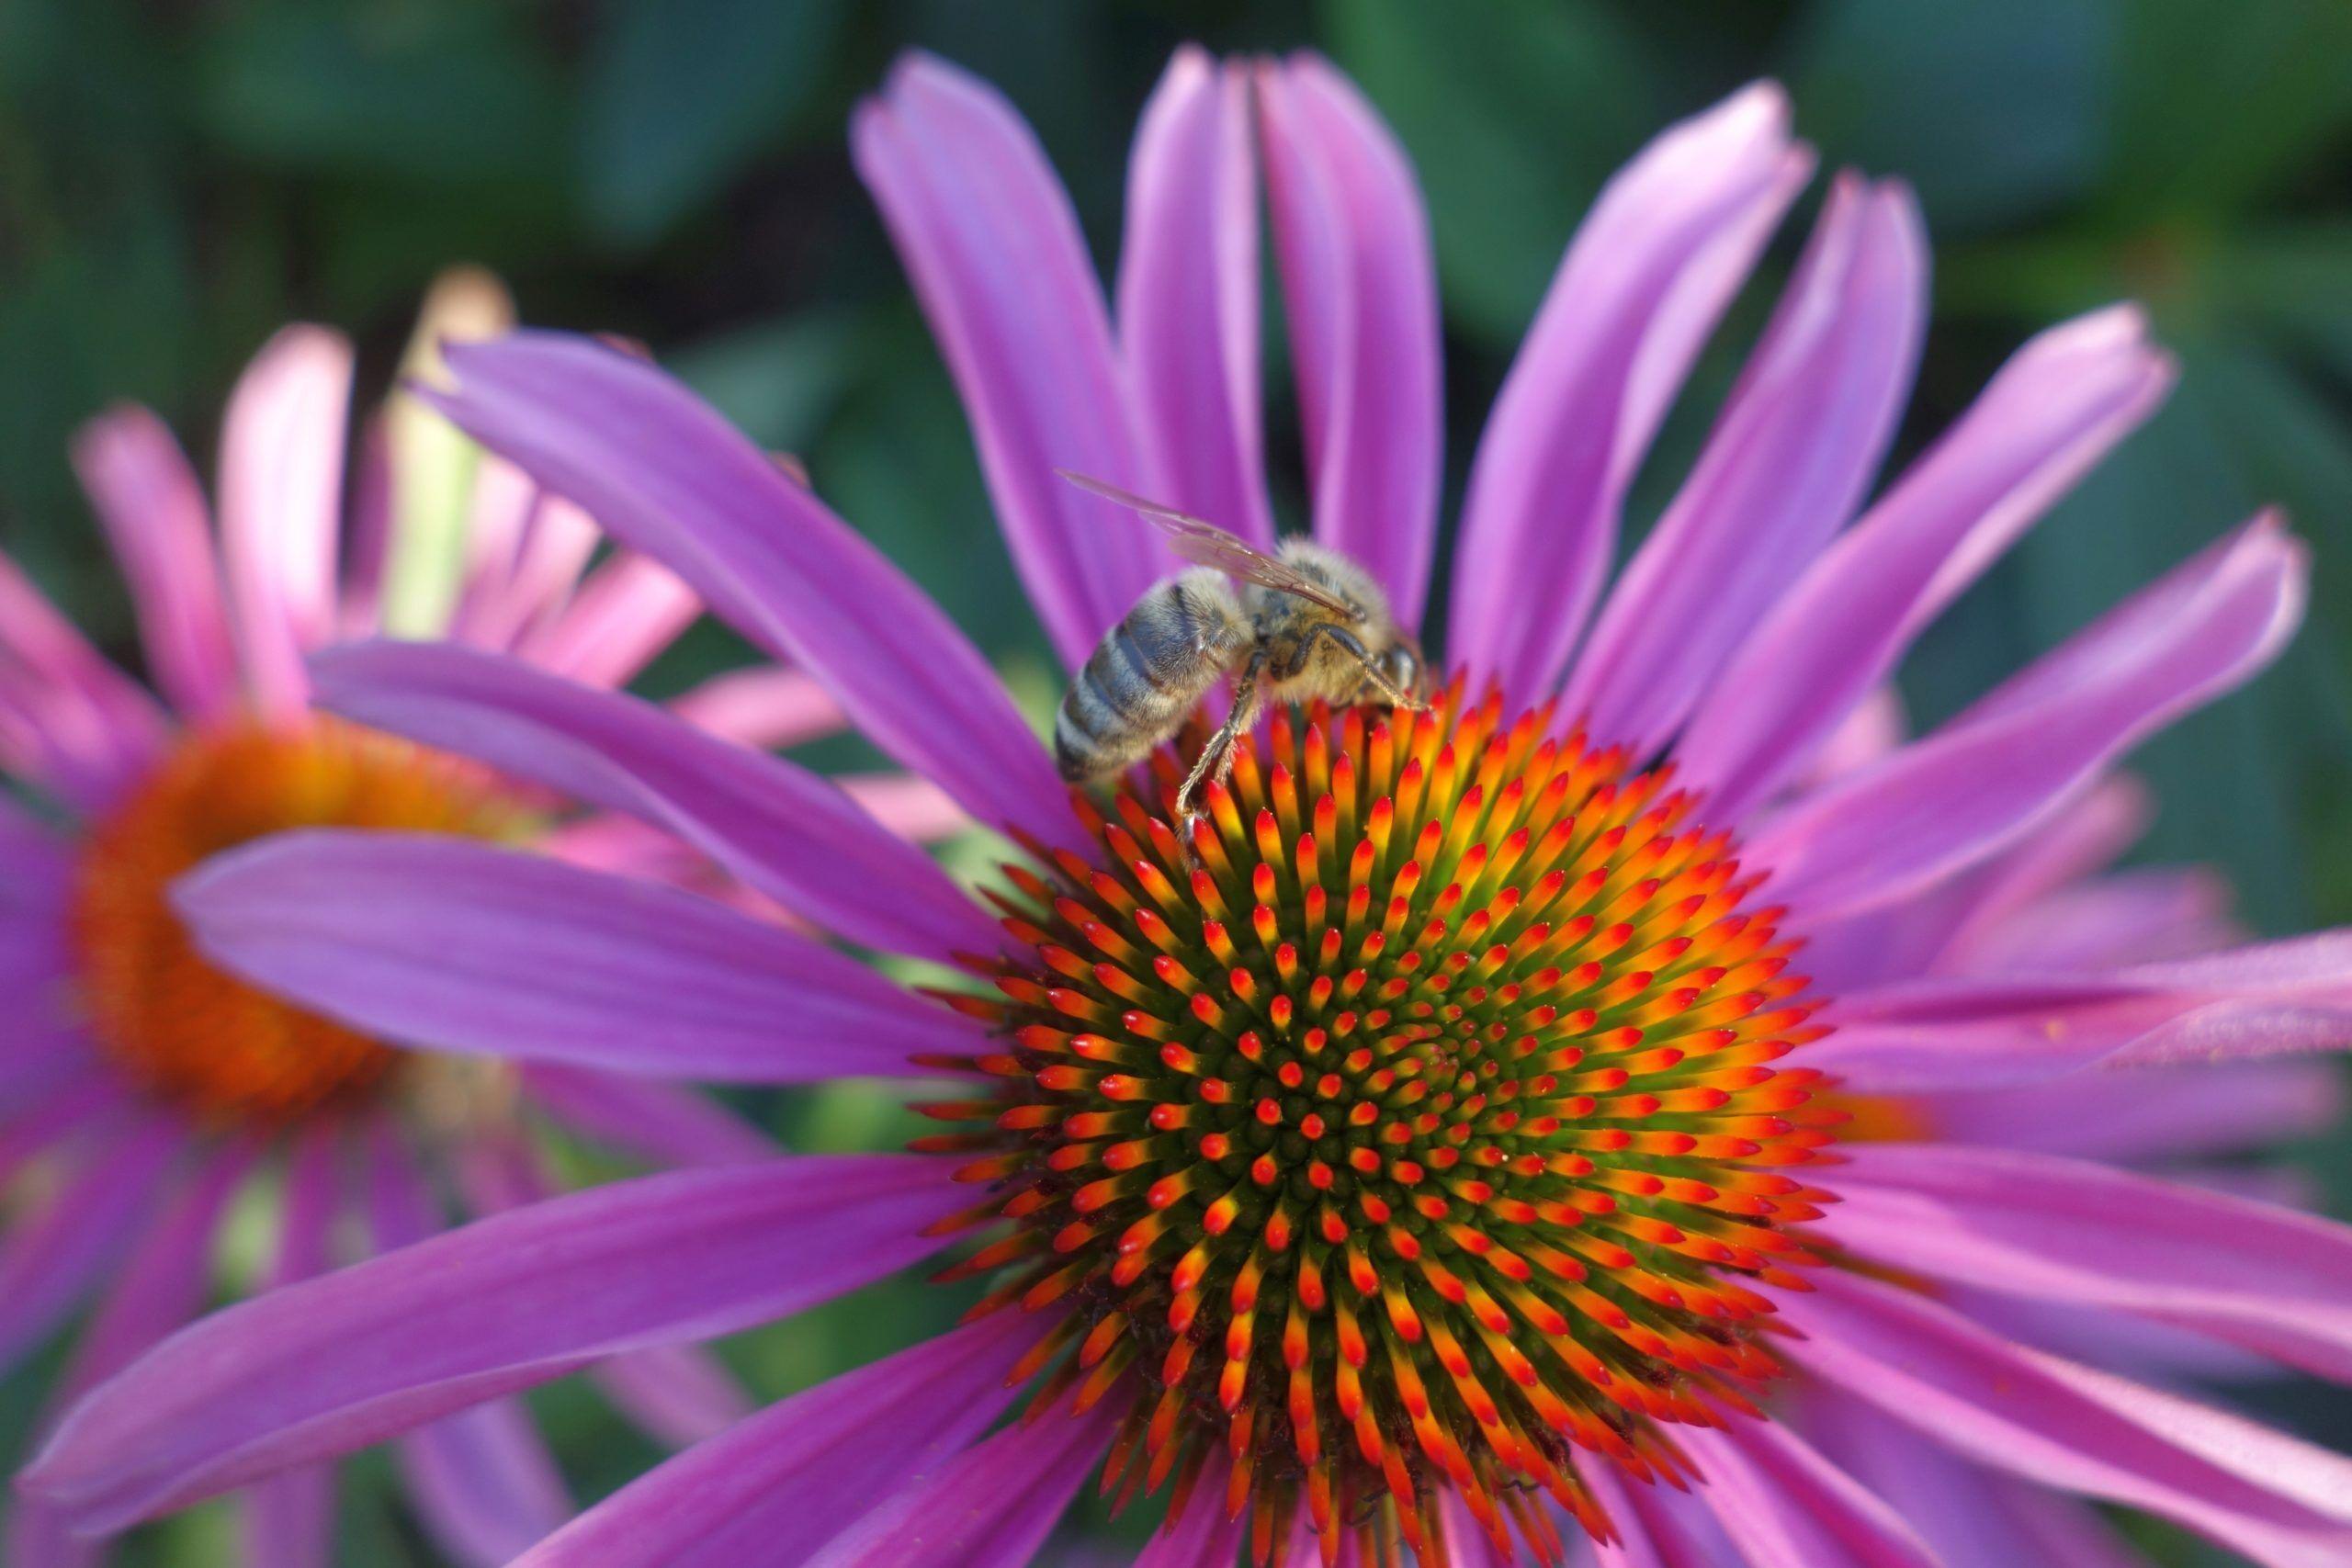 Gartentipps für Einsteiger mit tollen Pflanzenfotos aus dem Garten